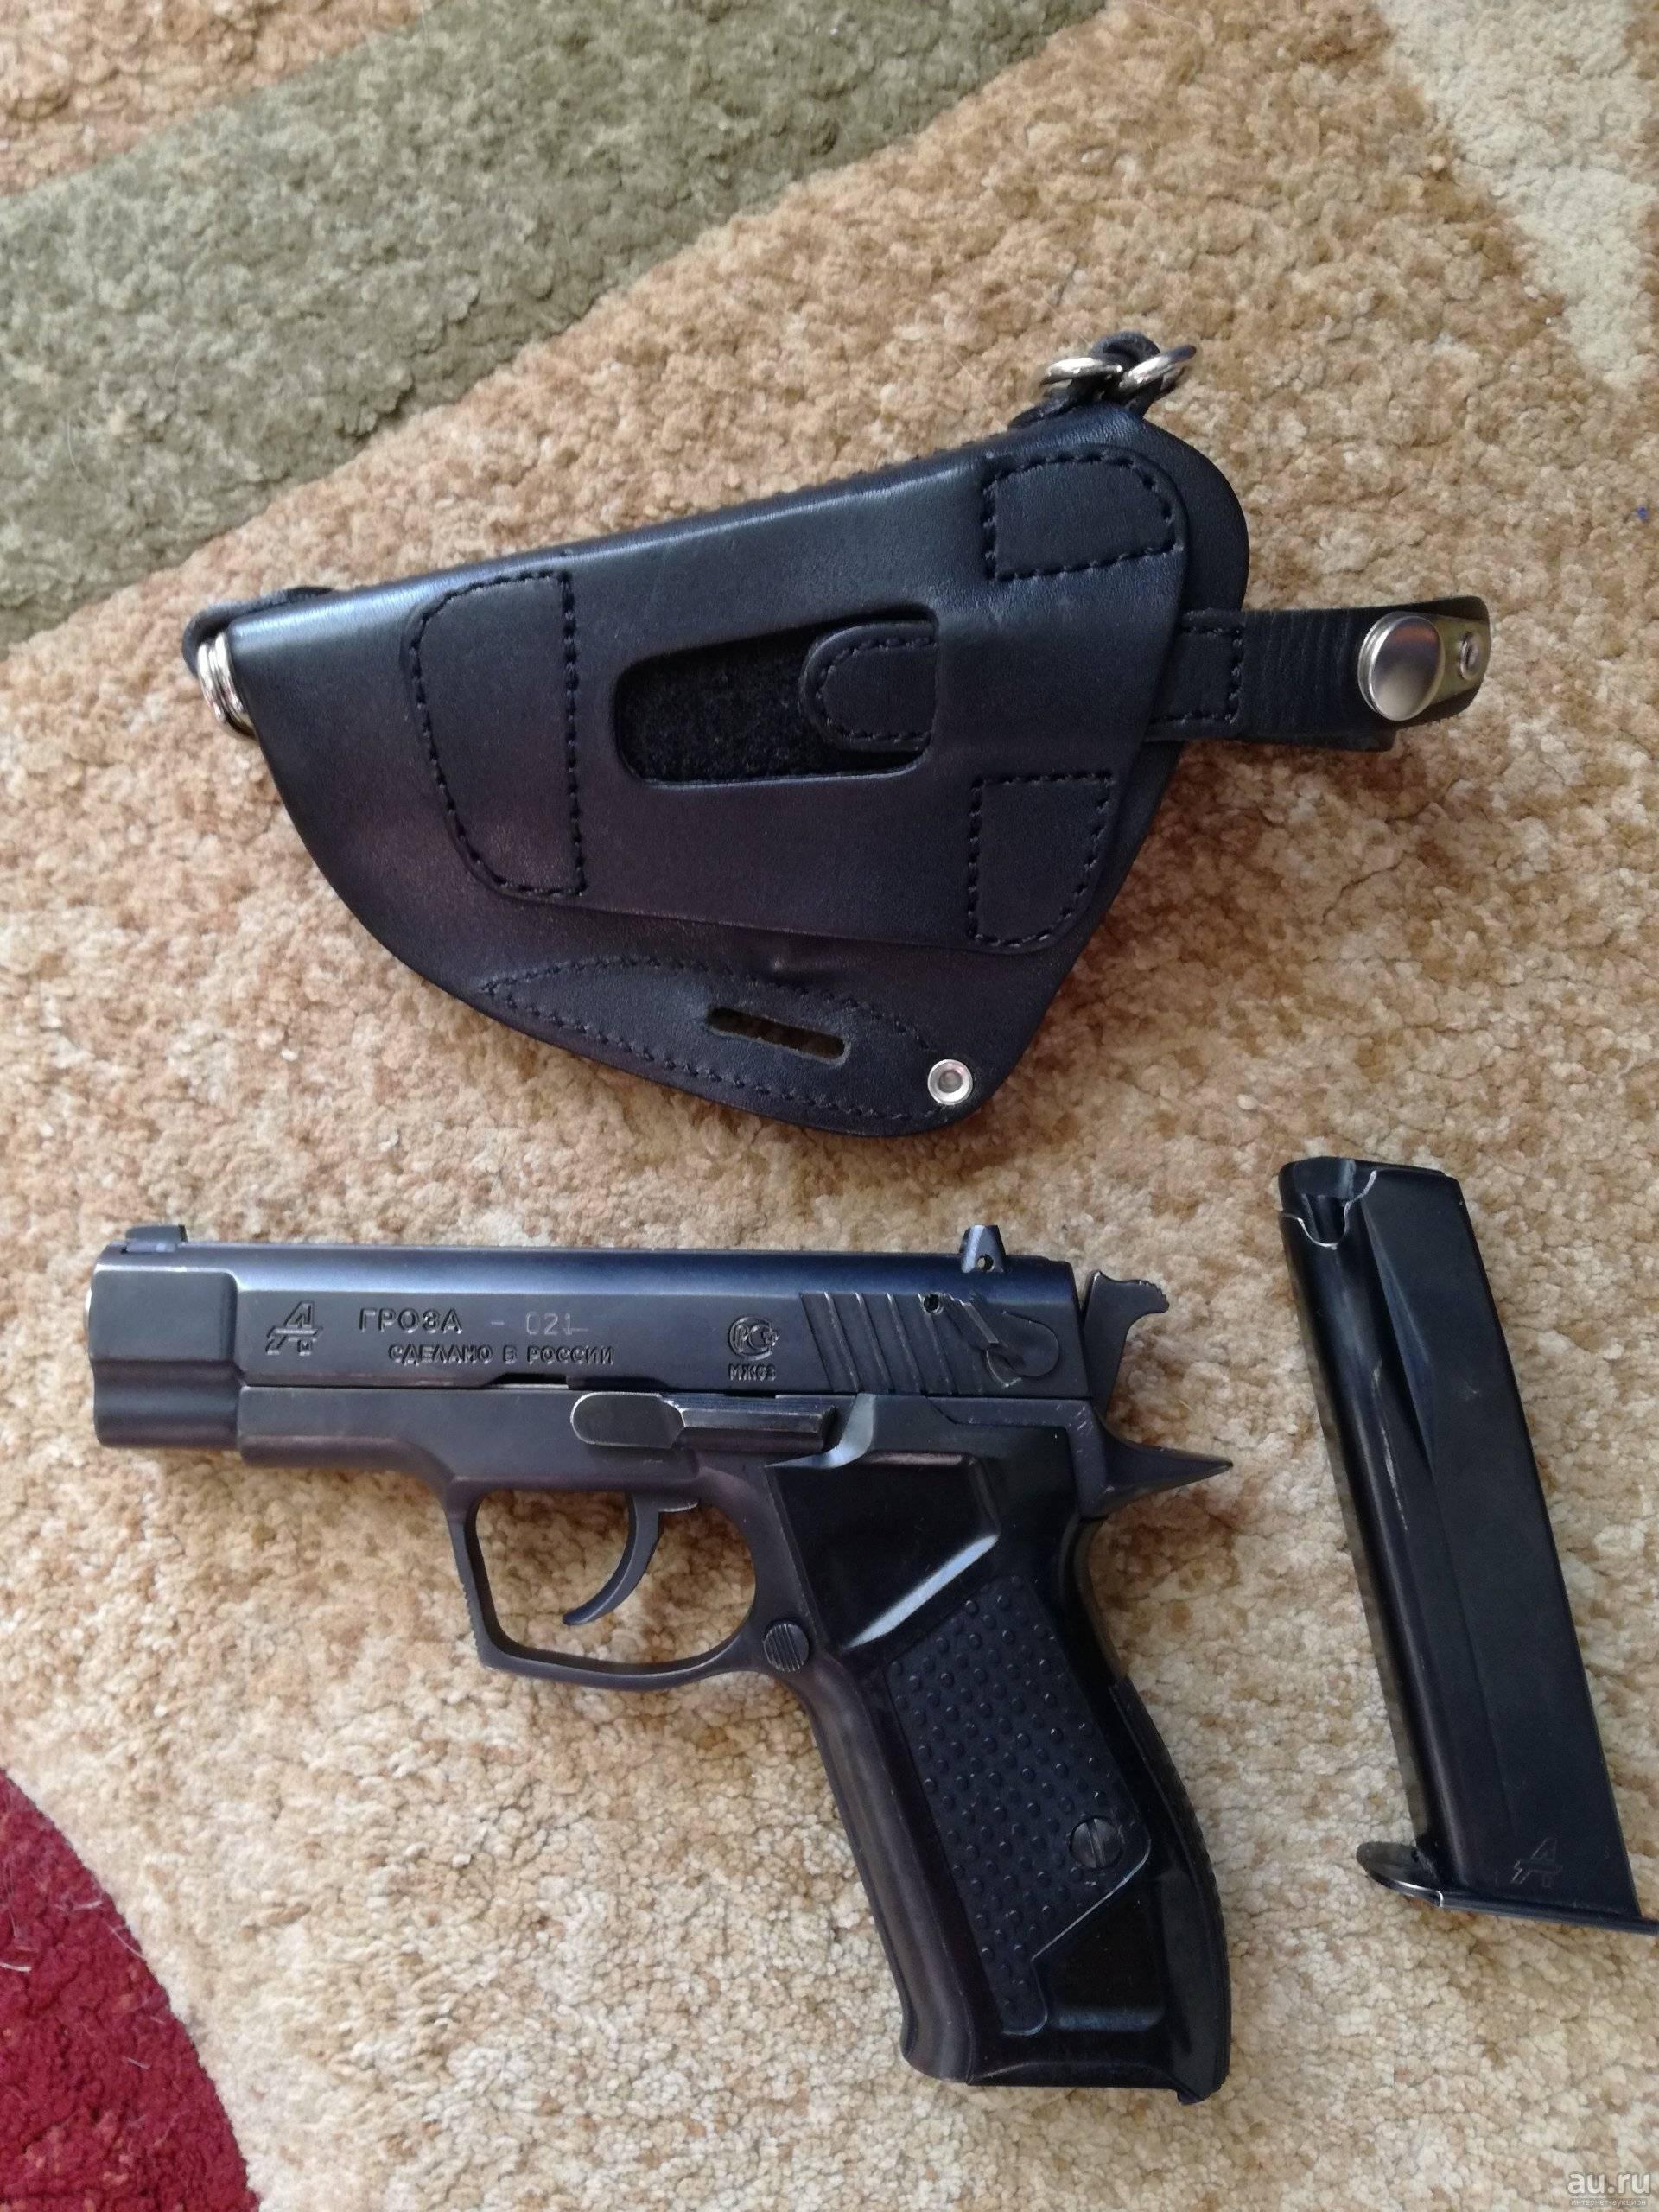 Травматический пистолет гроза-02: конструкция, преимущества и особенности